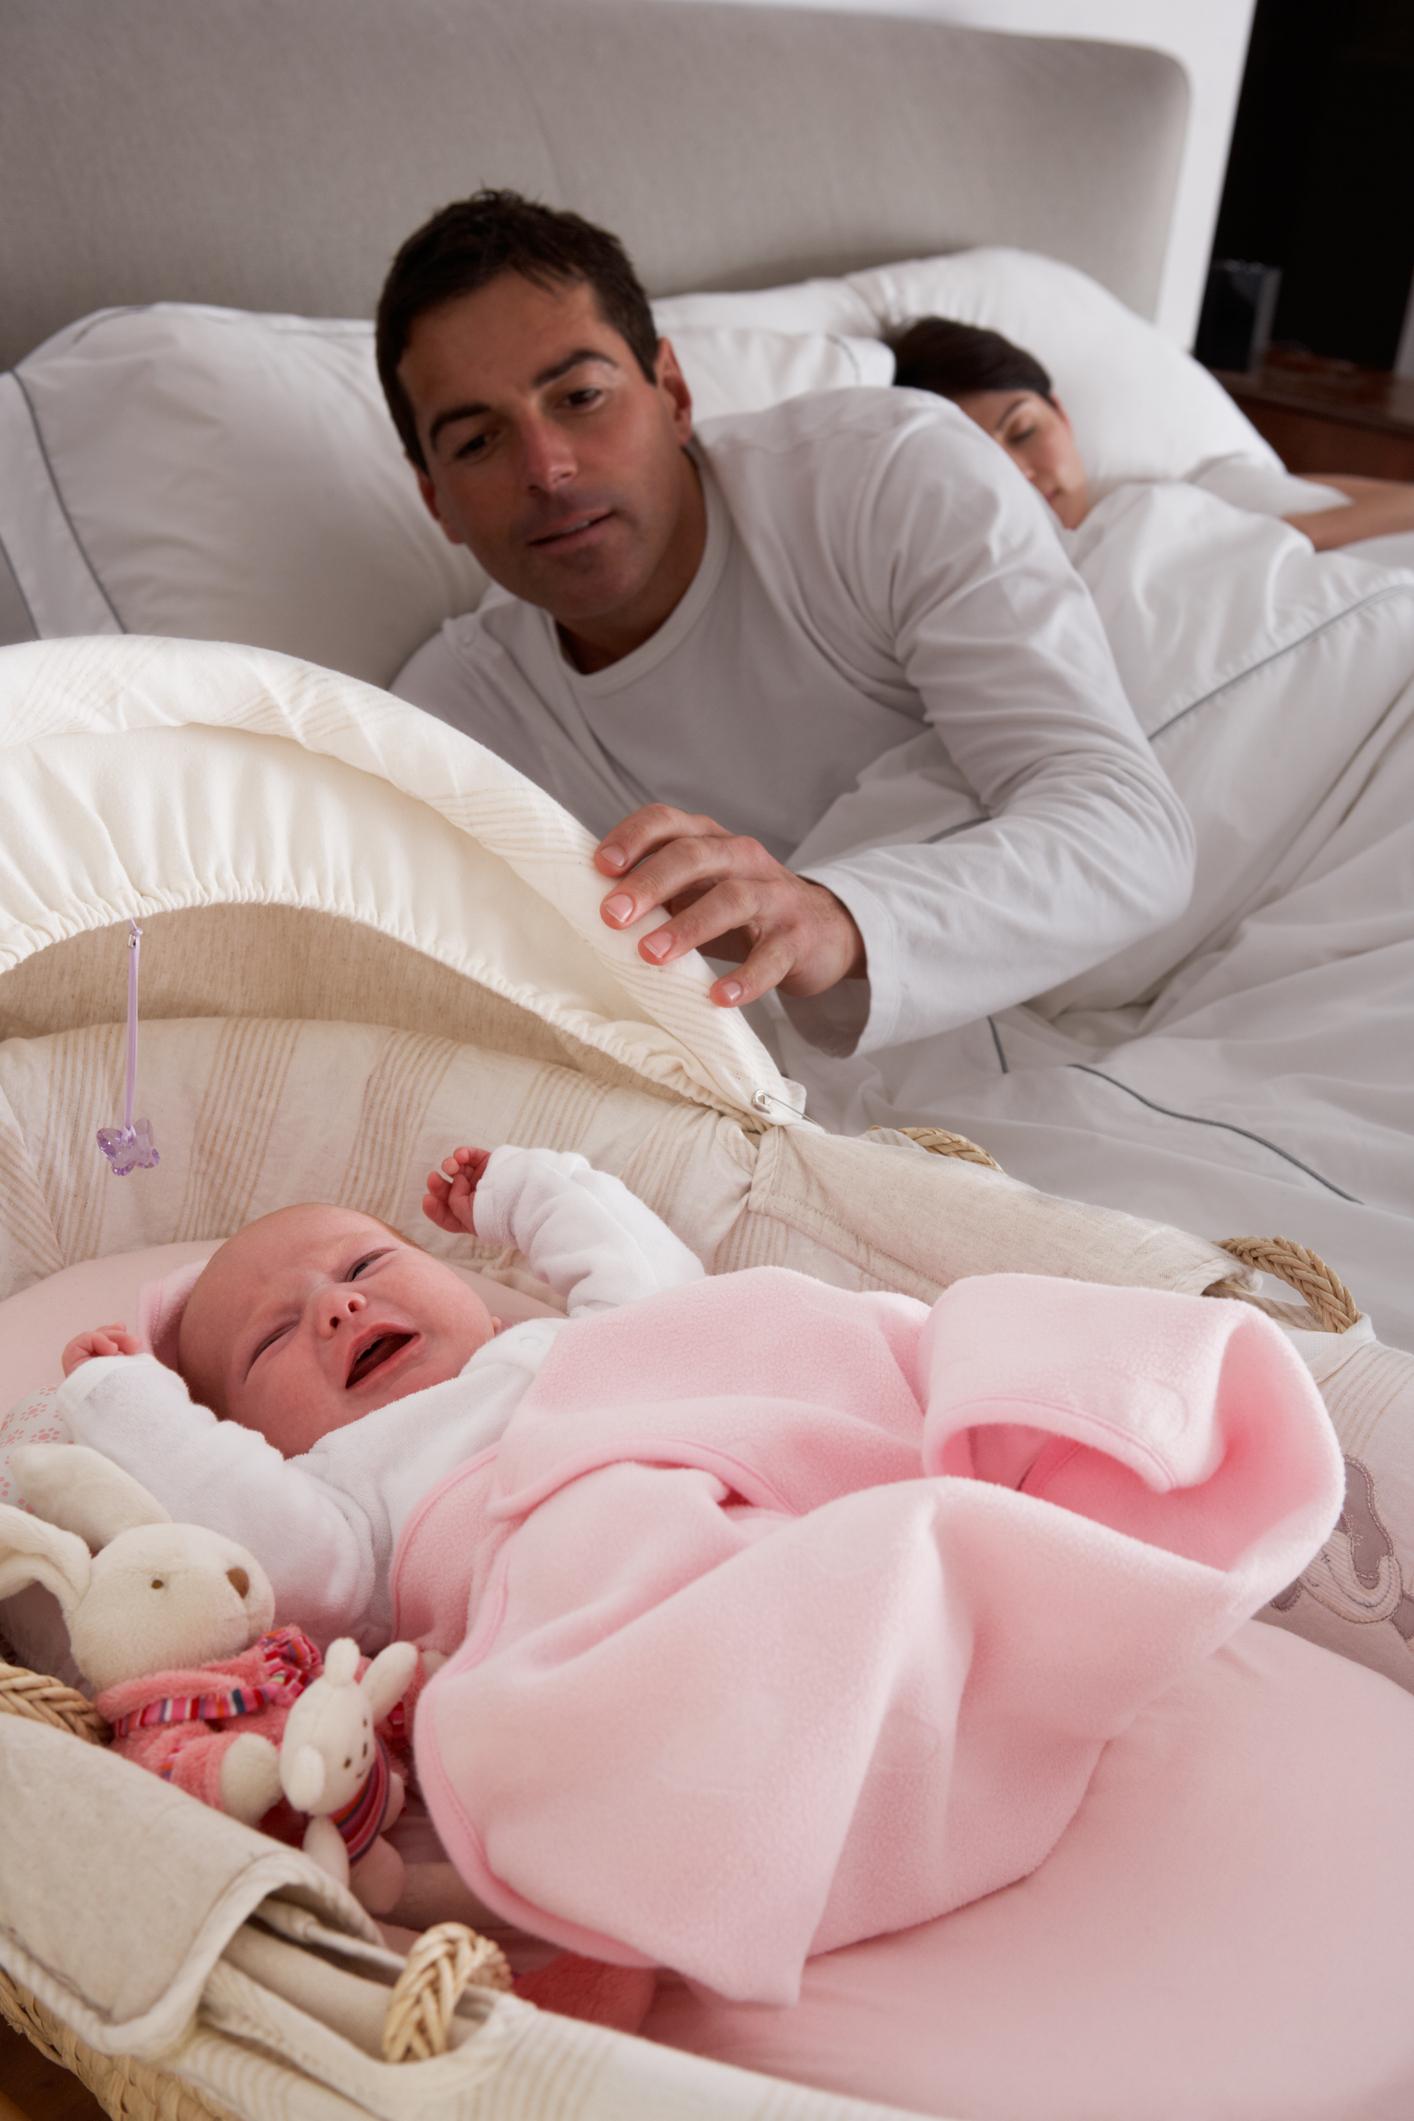 Pleurs de bébé : 2 solutions pour calmer votre bébé. Pleurs de bébé : 2 solutions pour calmer votre bébé.